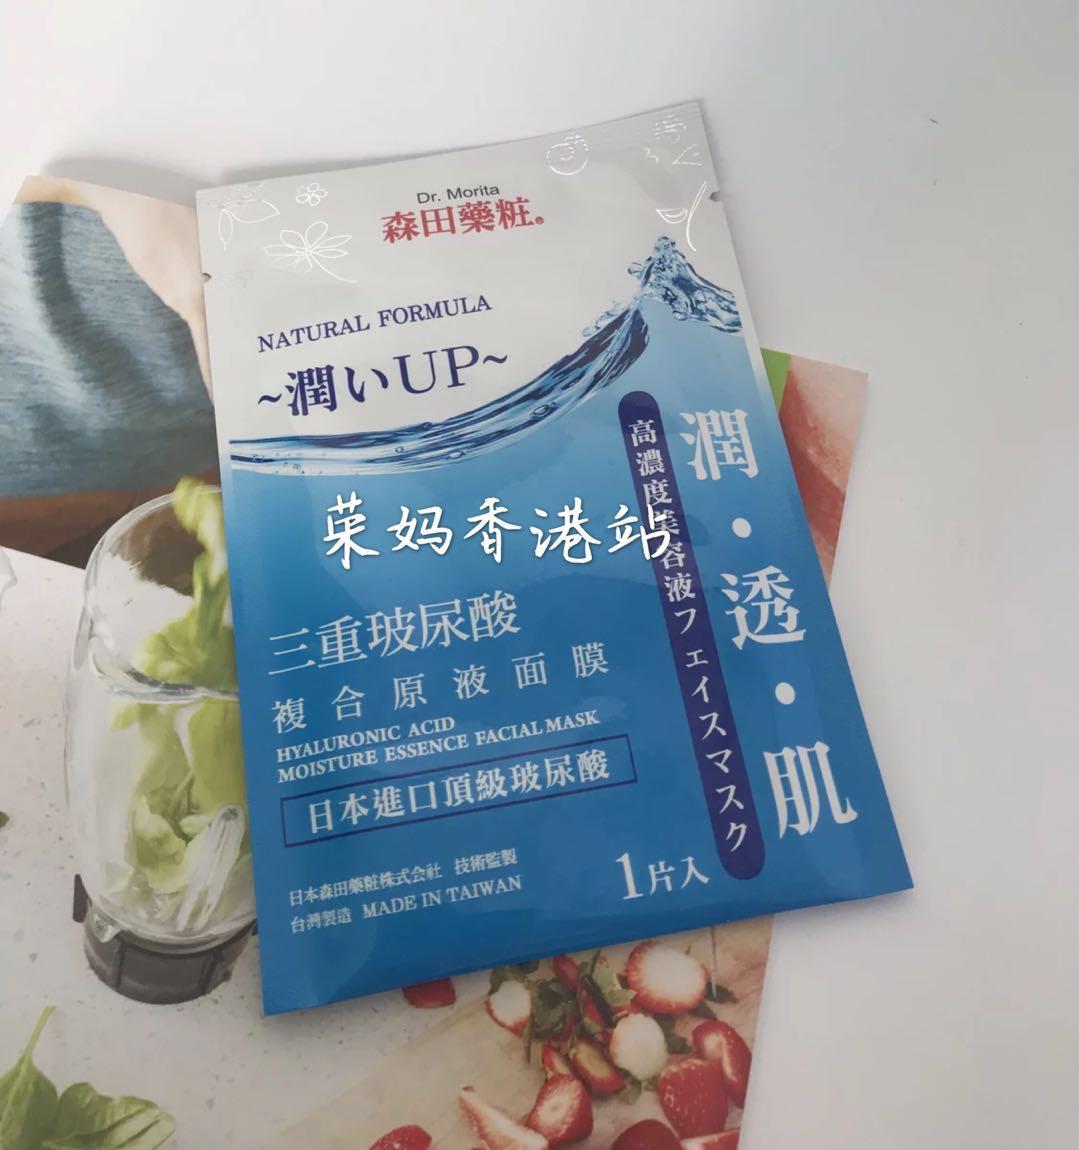 現貨榮媽臺灣 森田藥粧面膜三重玻尿酸潤透肌滋潤水潤護膚1片